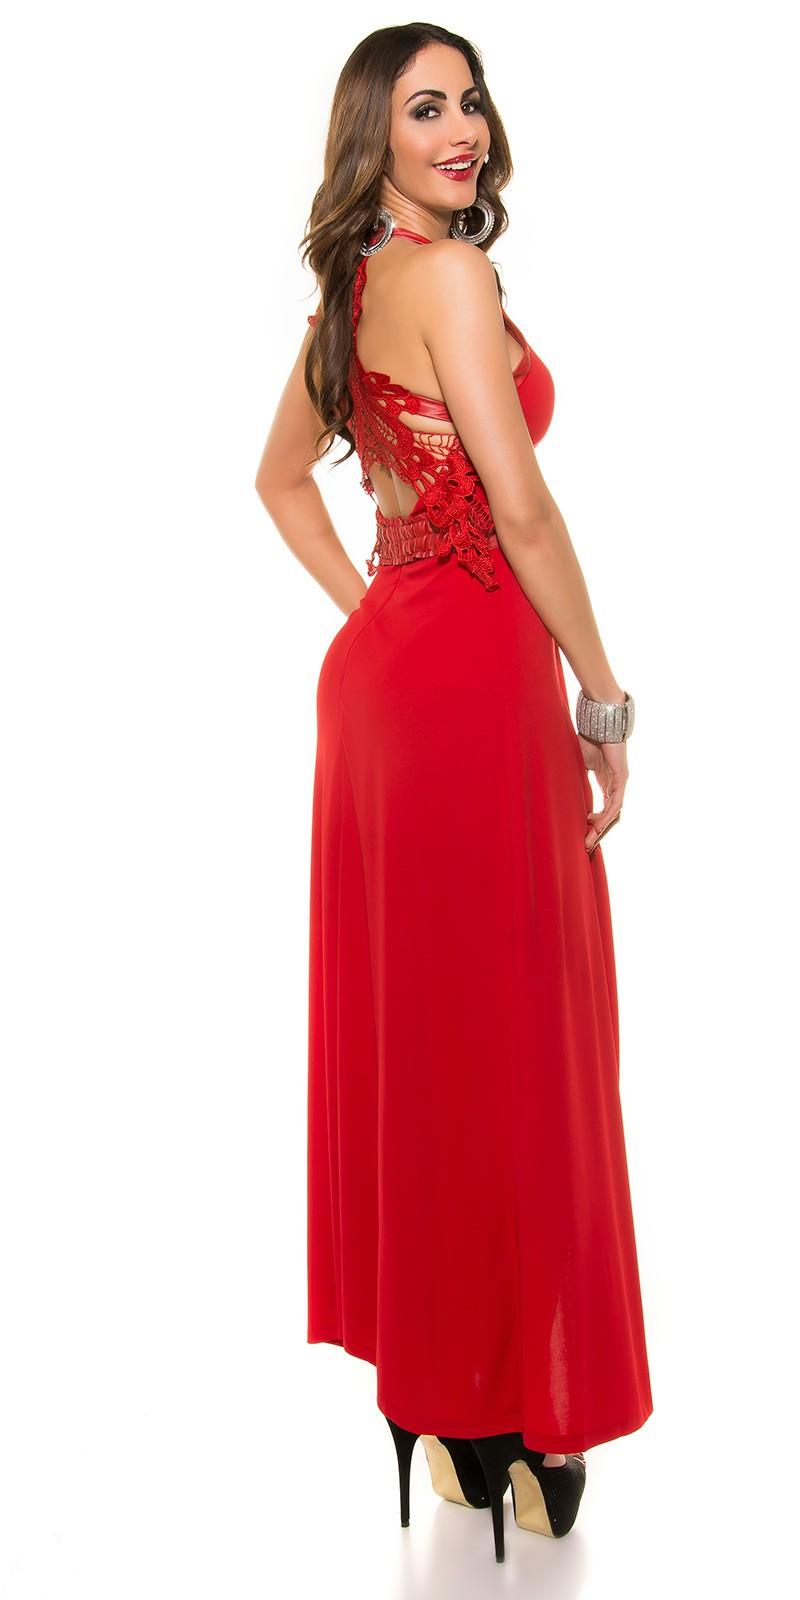 Hátán horgolt csipkés női alkalmi ruha - Piros (S-L). Az Ön értékelése  5b689a1172